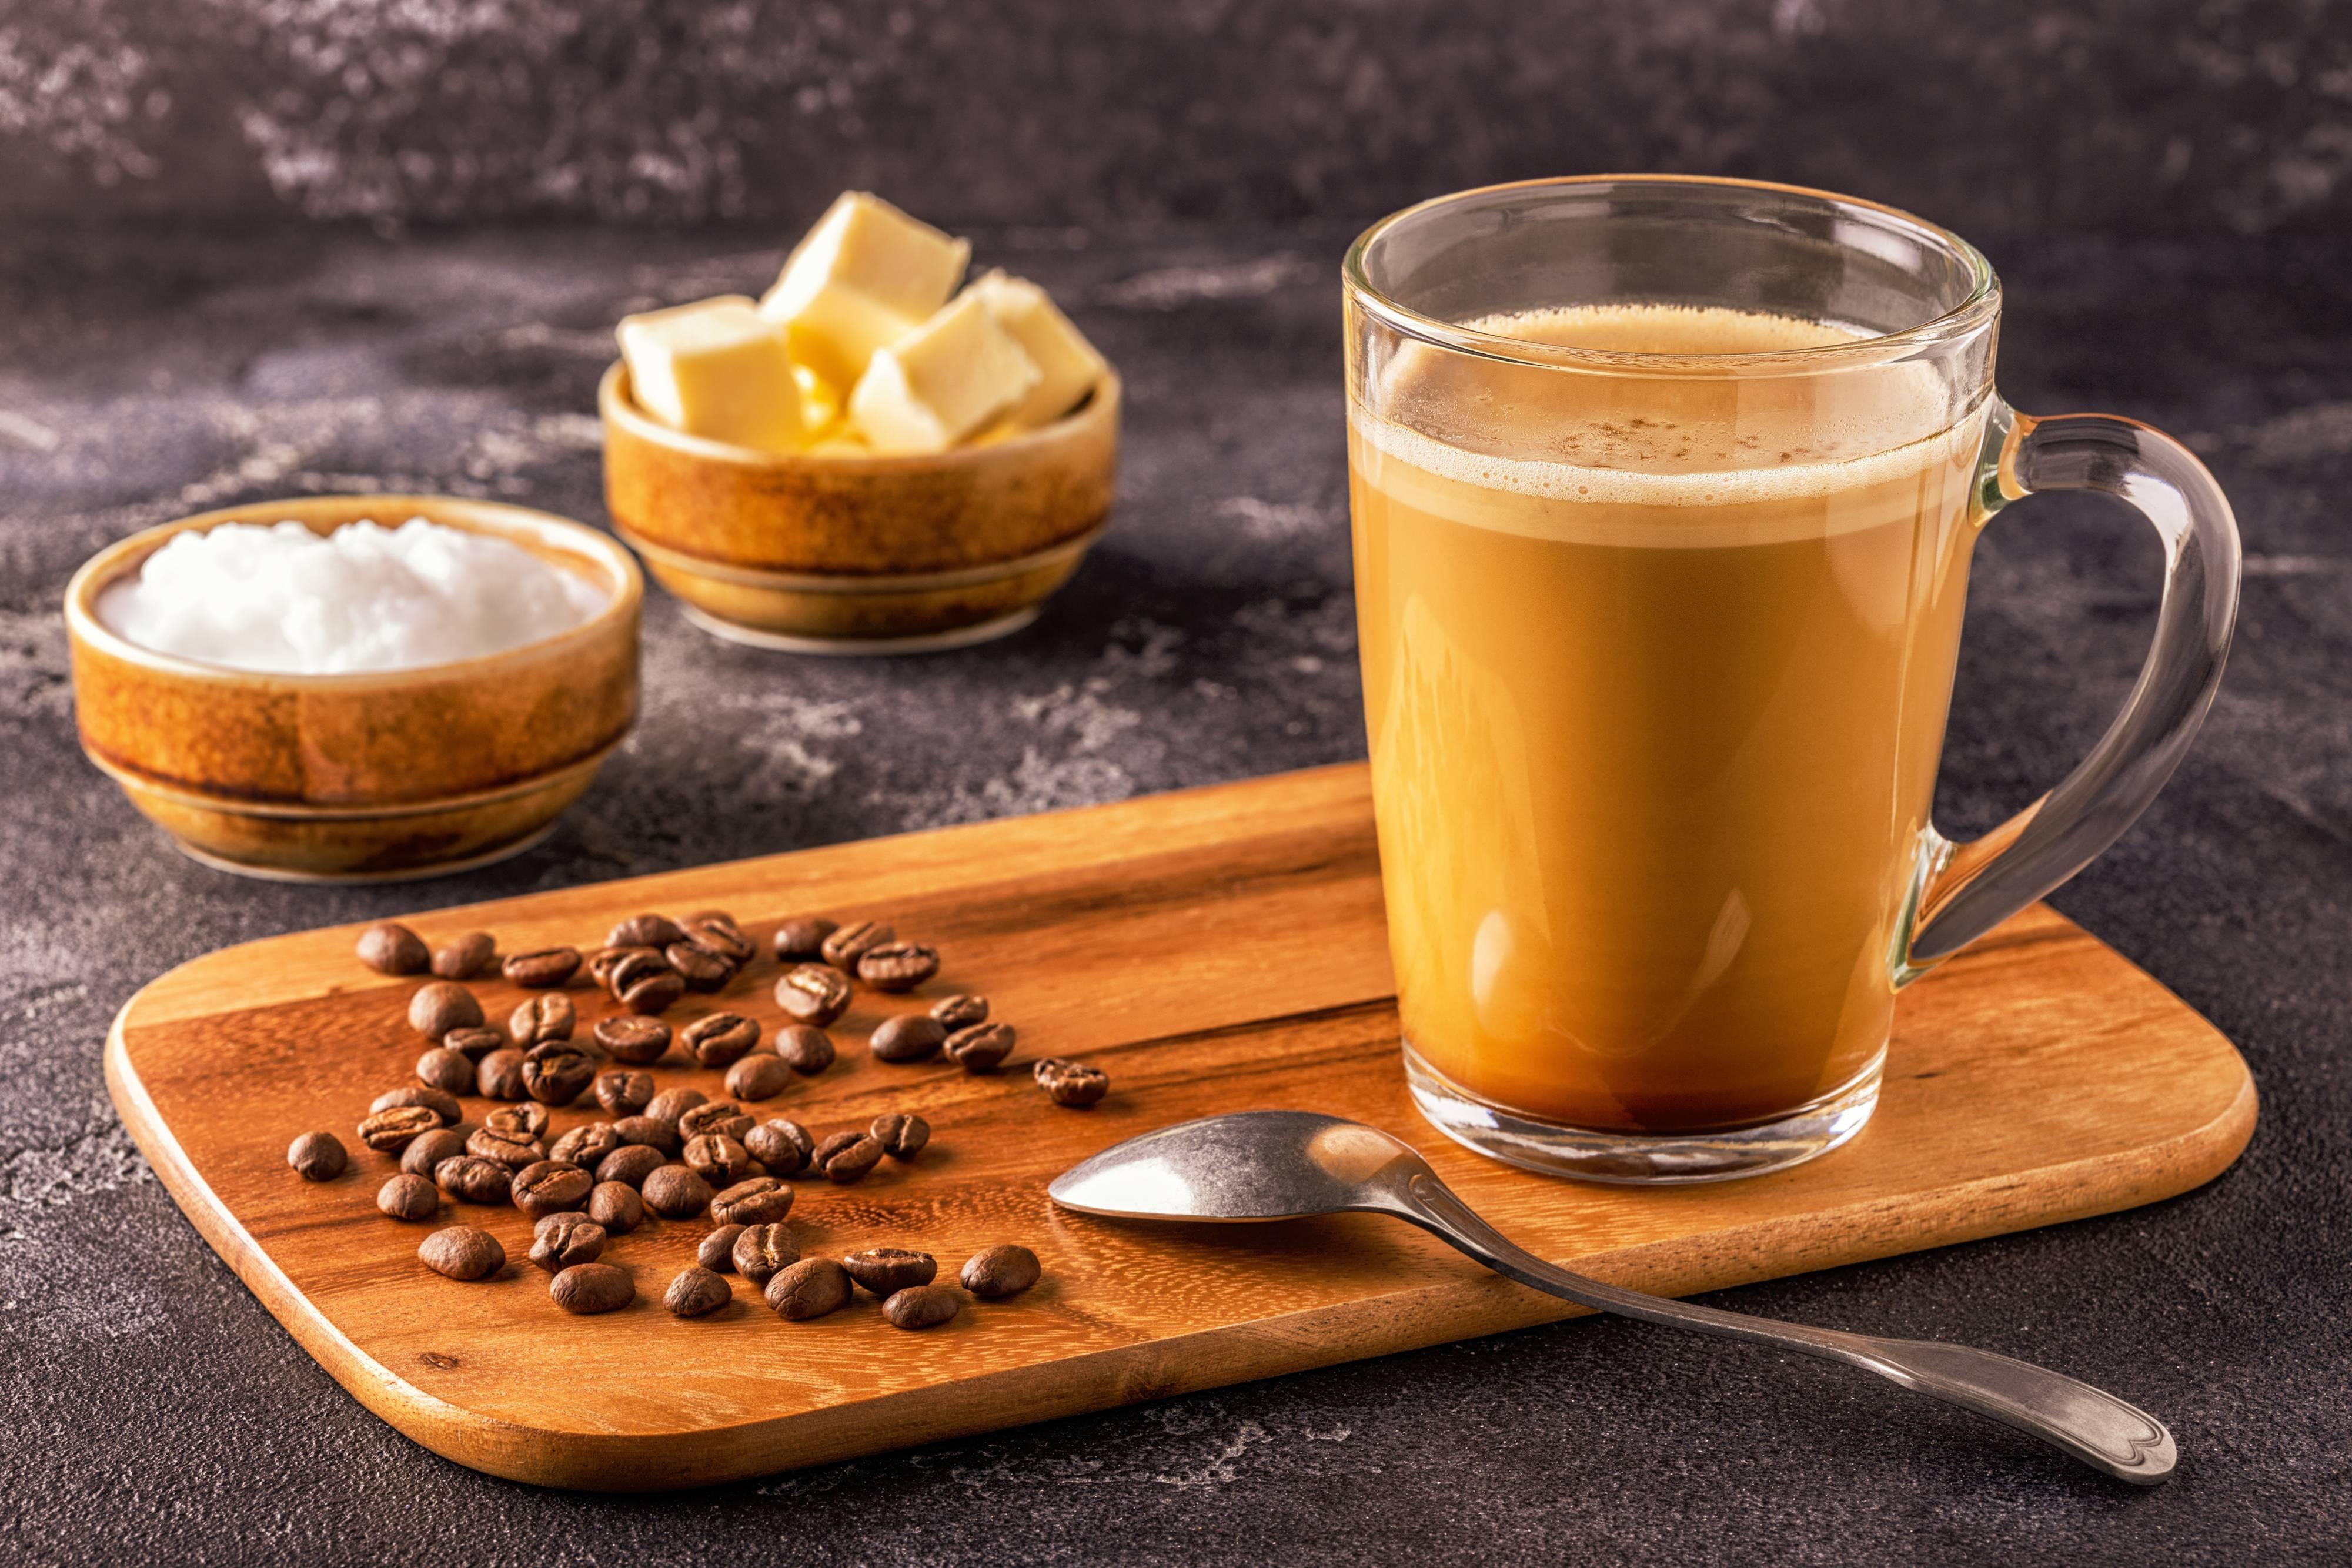 Кофе утром: польза или вред, какой лучше пить